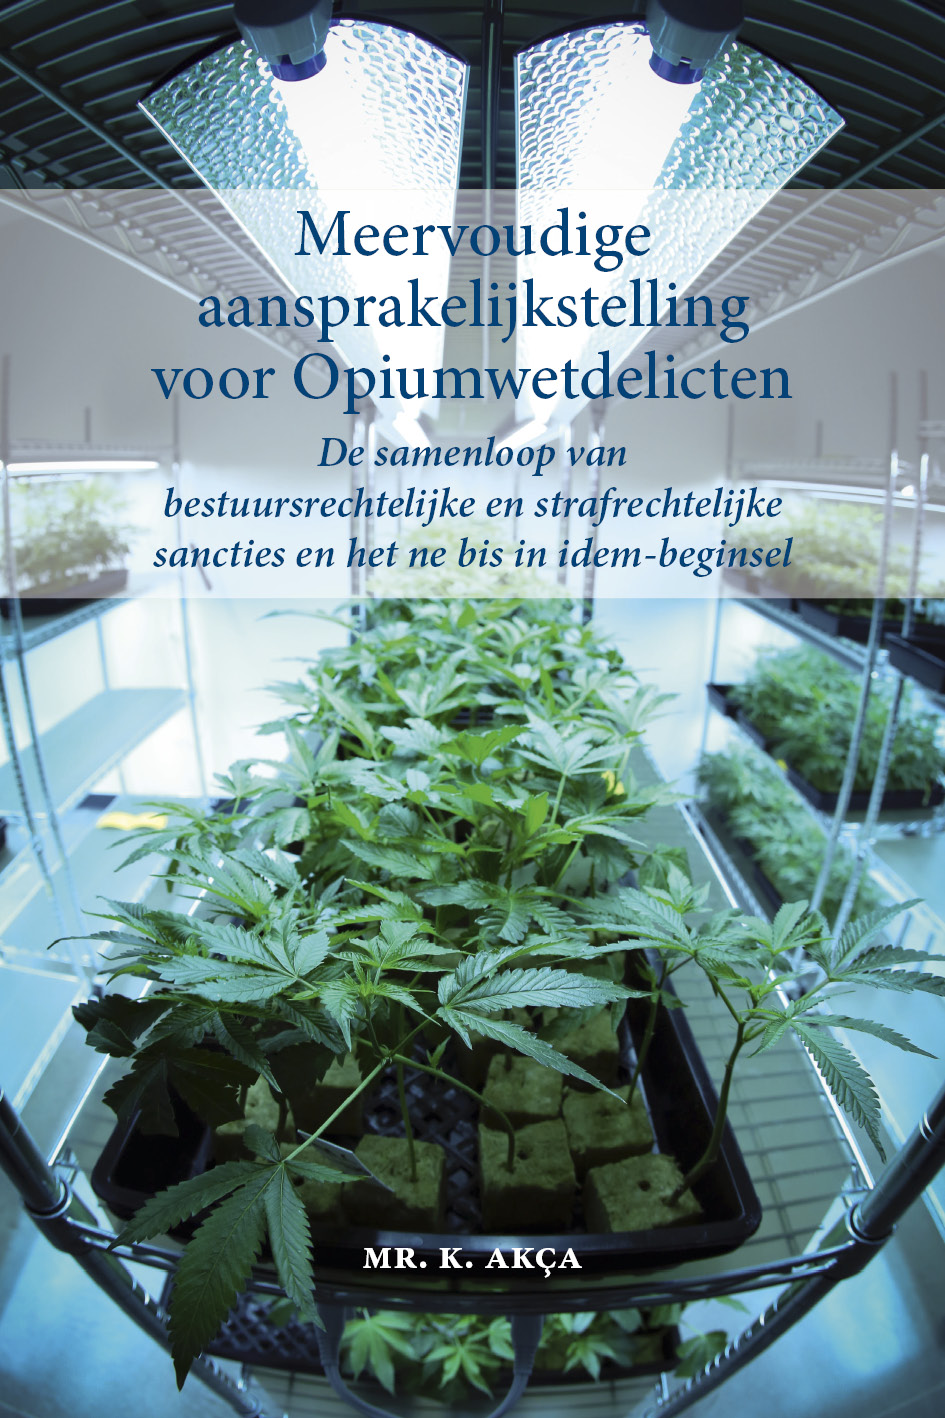 Meervoudige aansprakelijkstelling voor Opiumwetdelicten